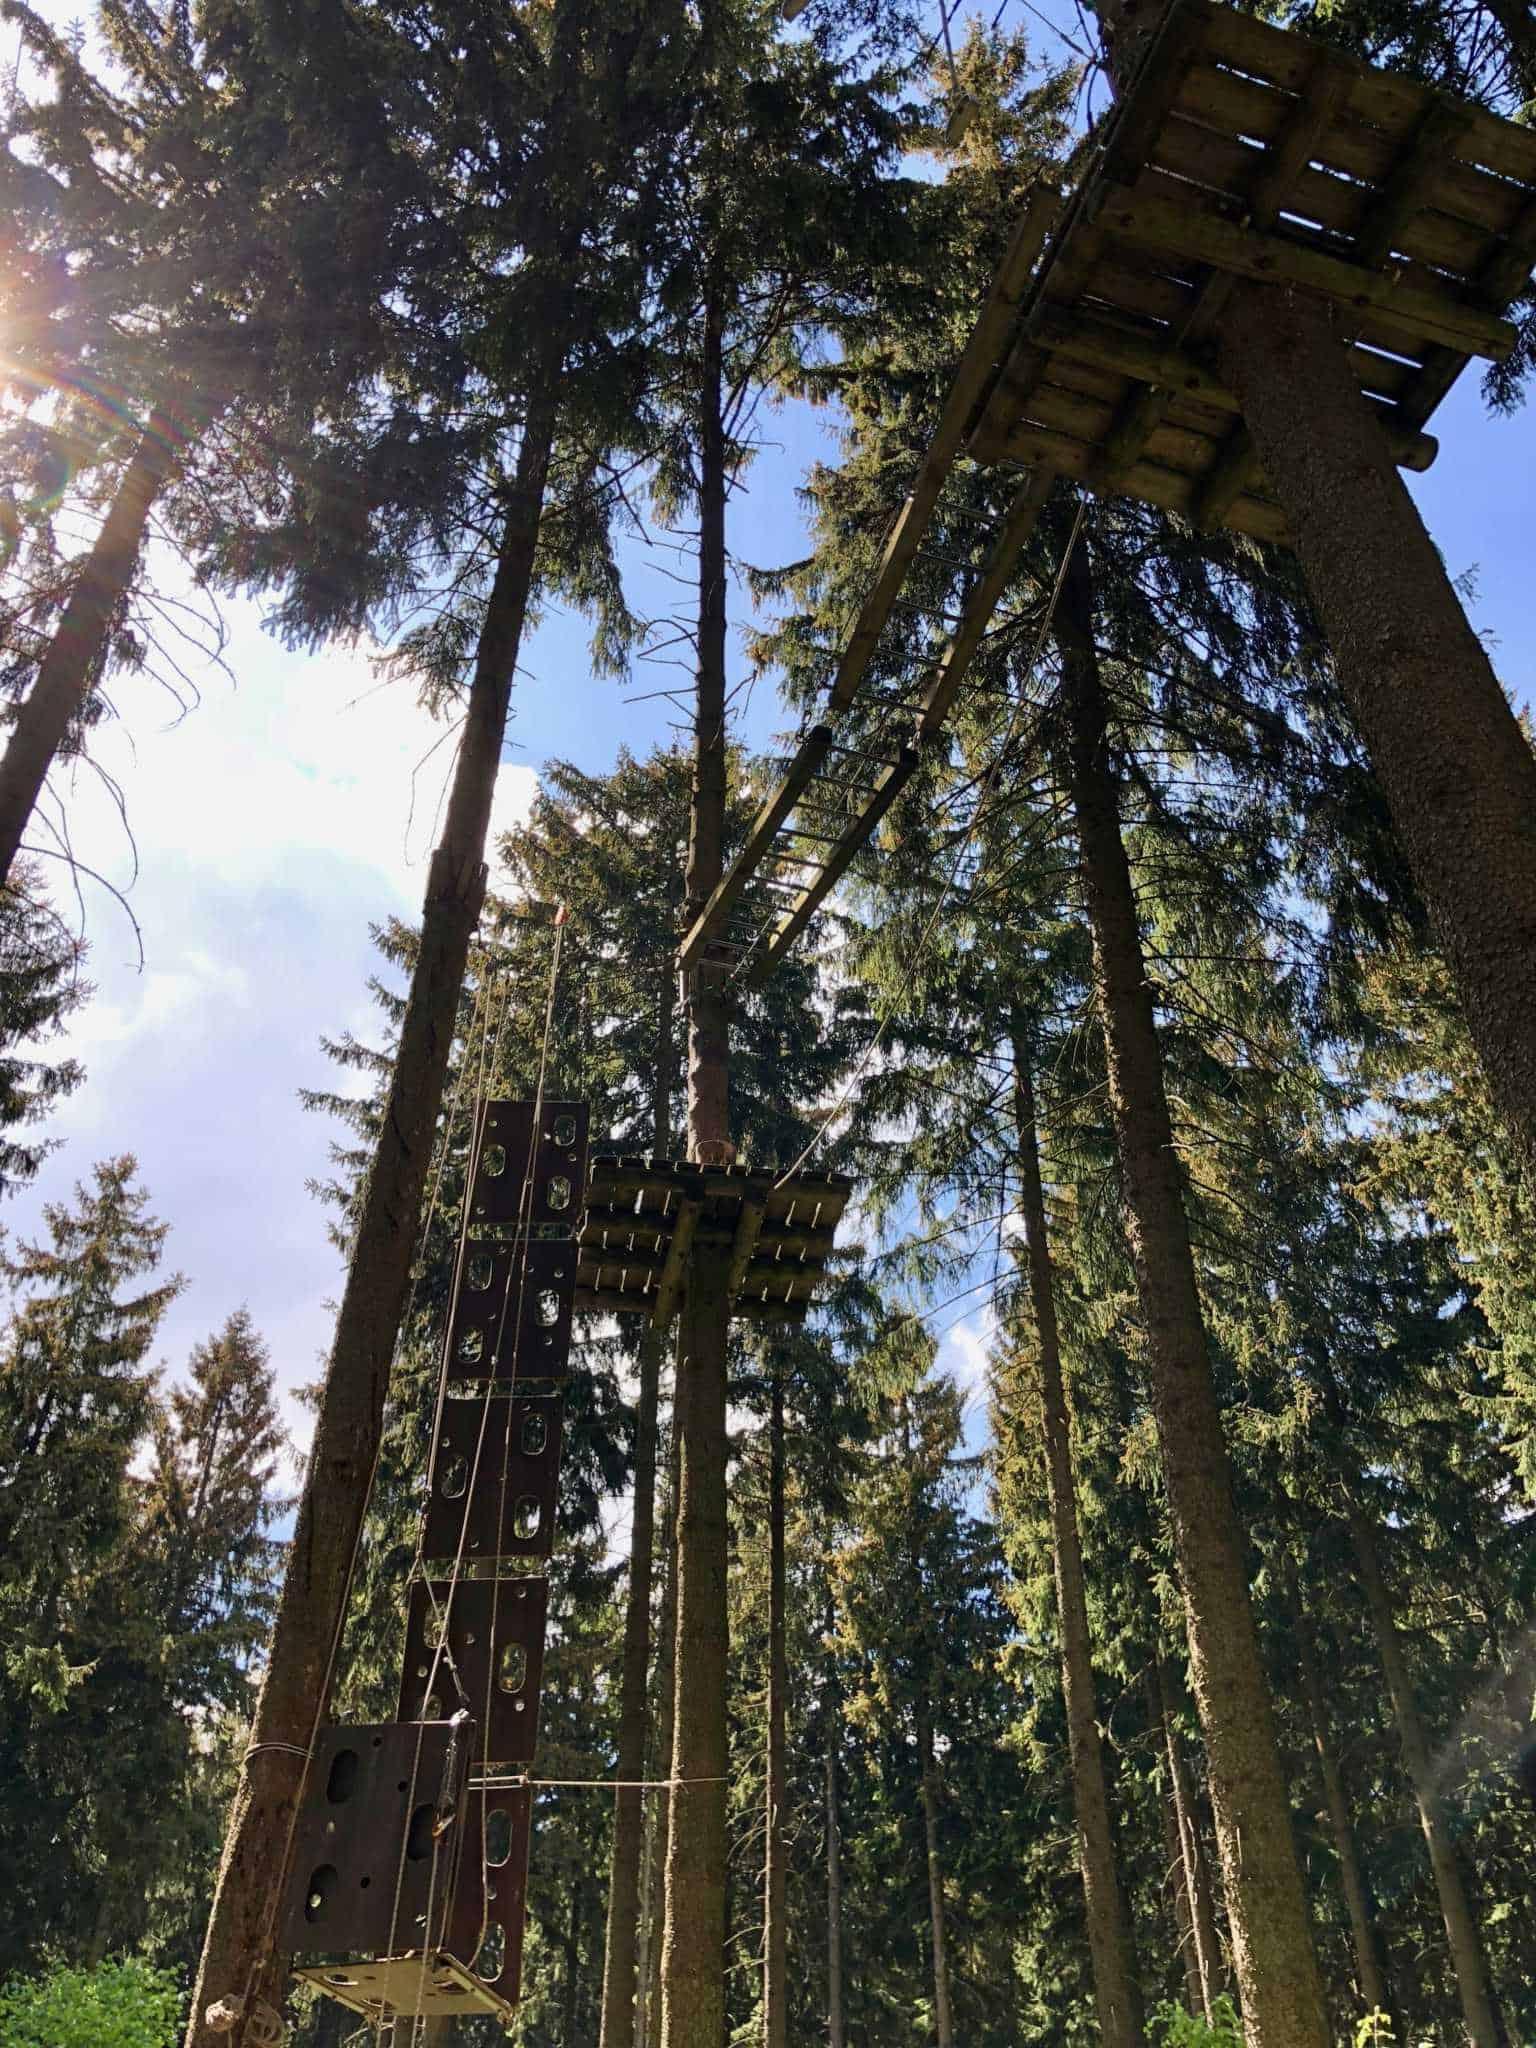 Kletterwald Greifensteine - Deinen Adrenalin Kick an den Greifensteinen